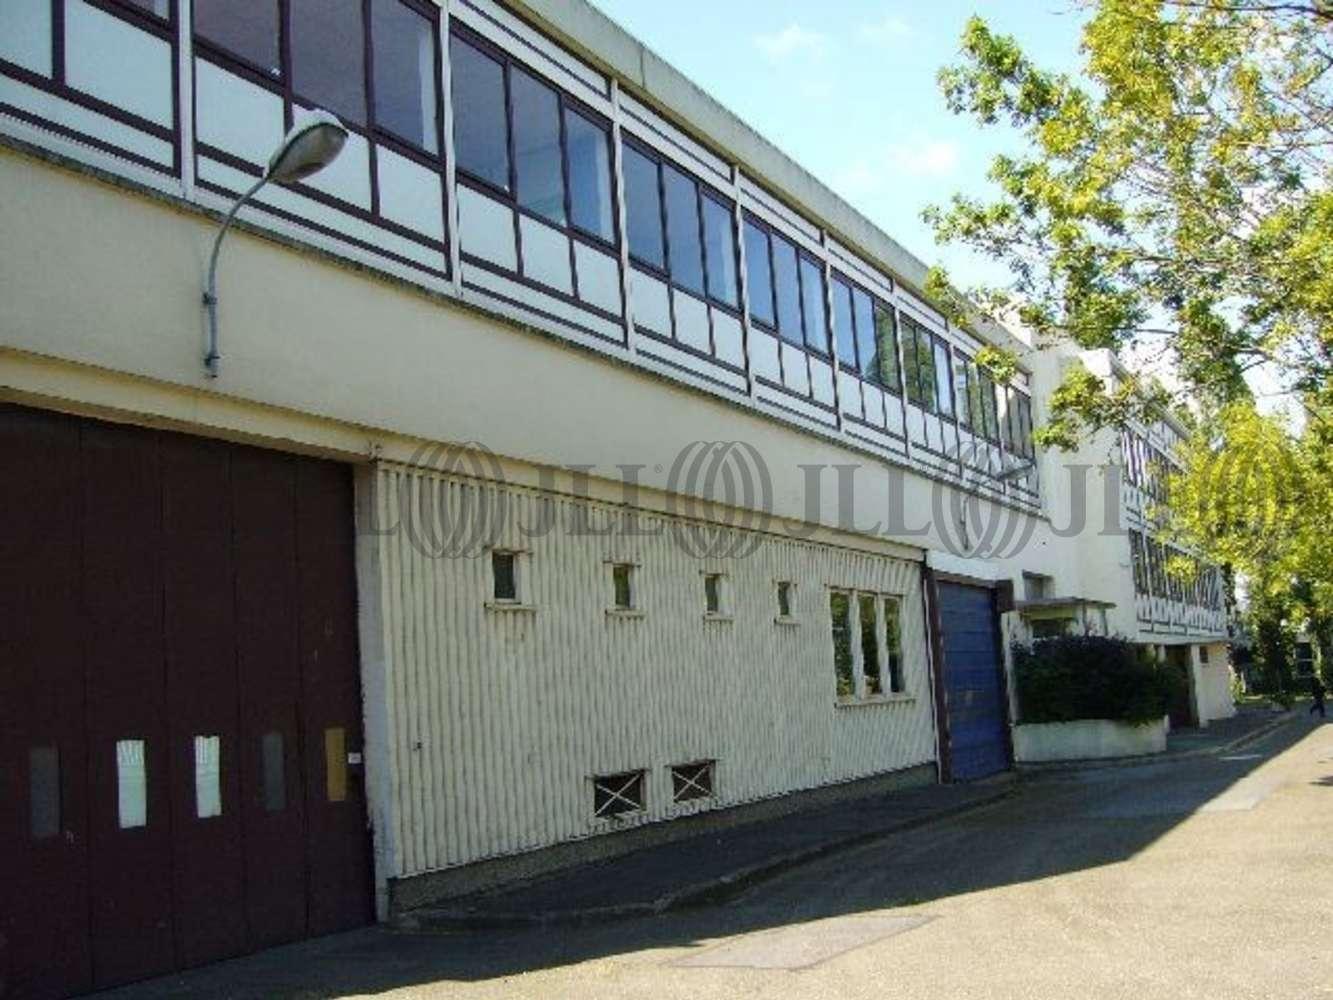 Activités/entrepôt Beauchamp, 95250 - 271 CHAUSSEE JULES CESAR